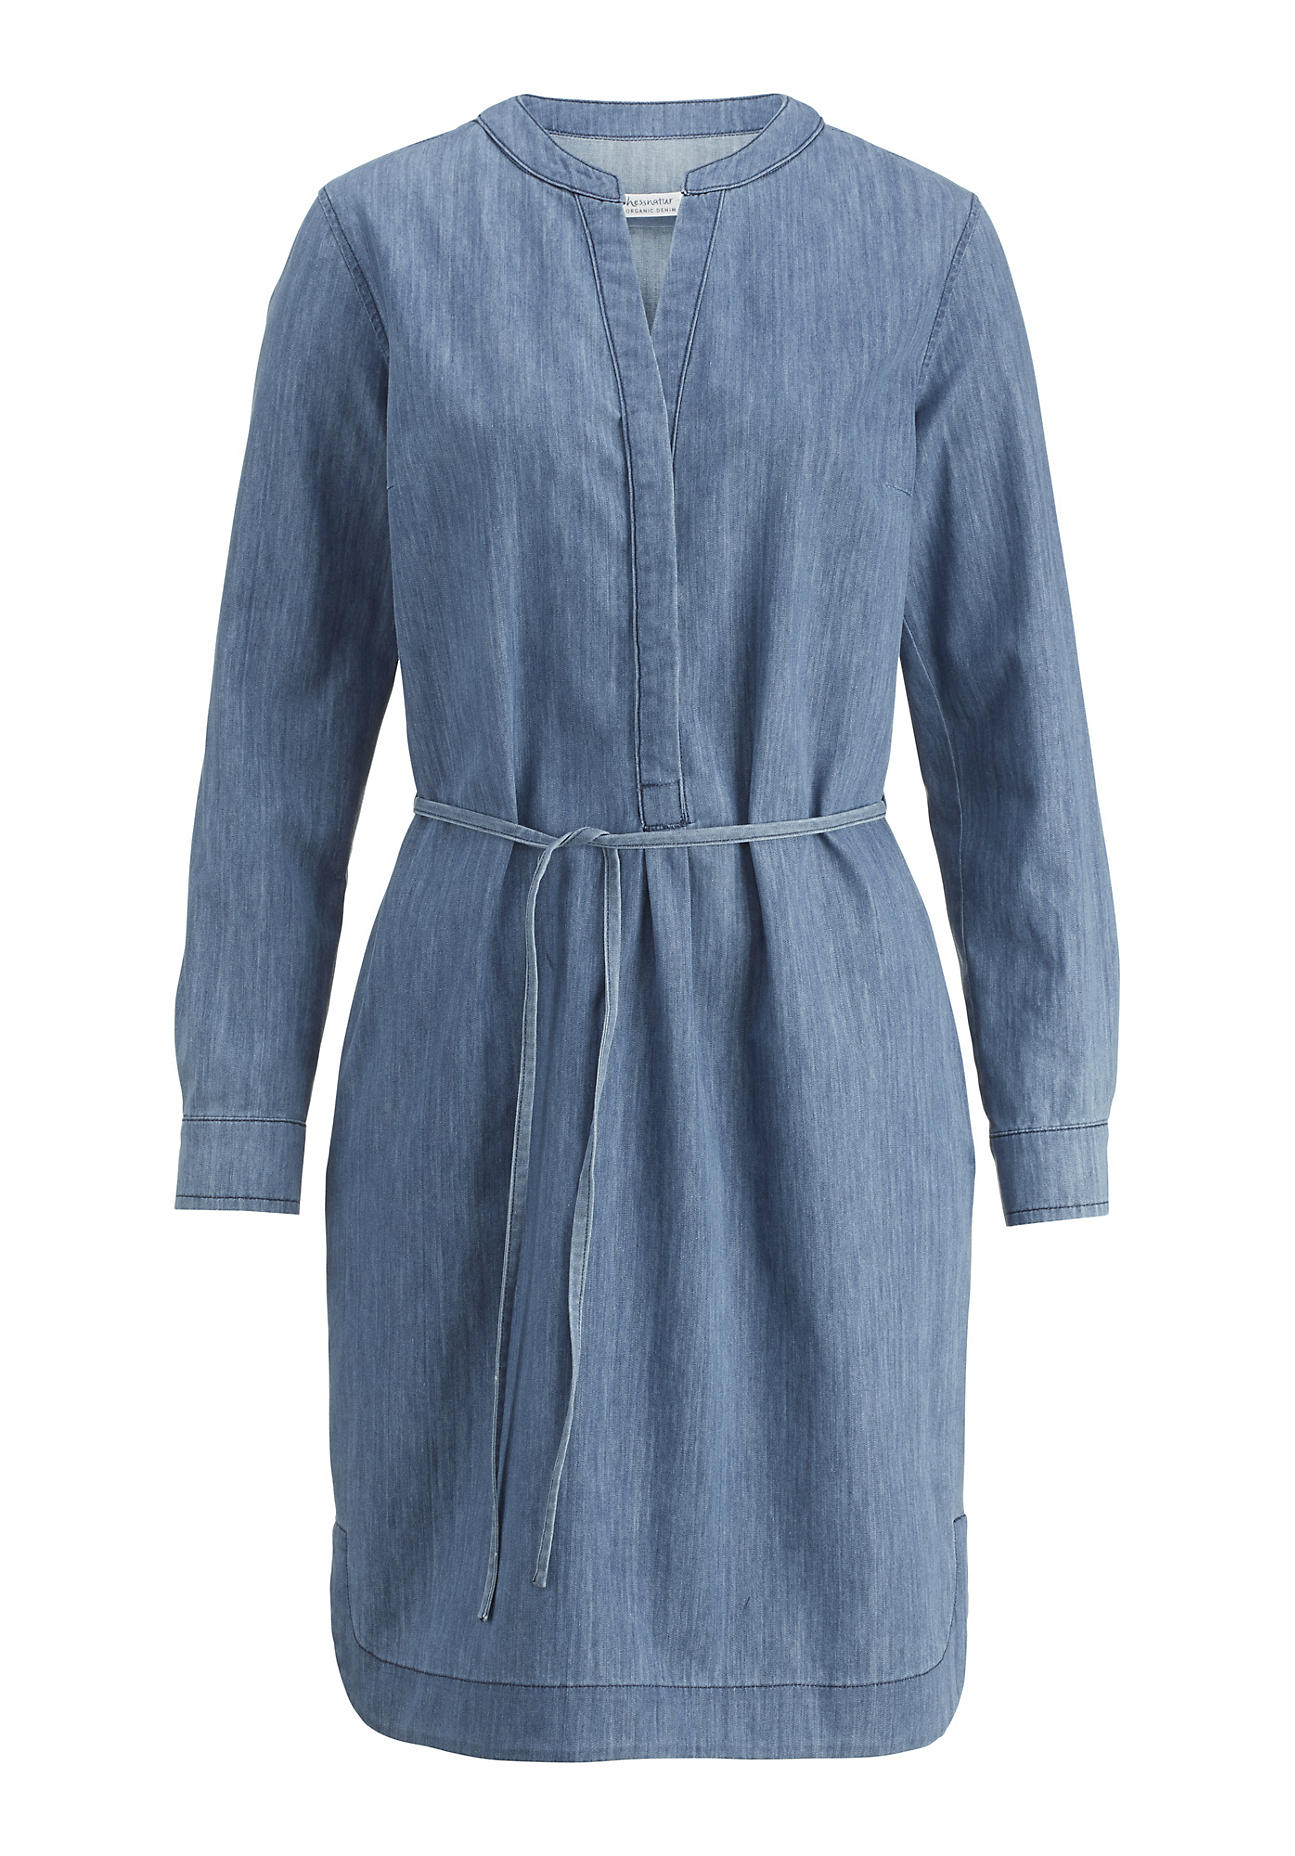 hessnatur -  Damen Jeanskleid aus Bio-Baumwolle – blau – Größe 40